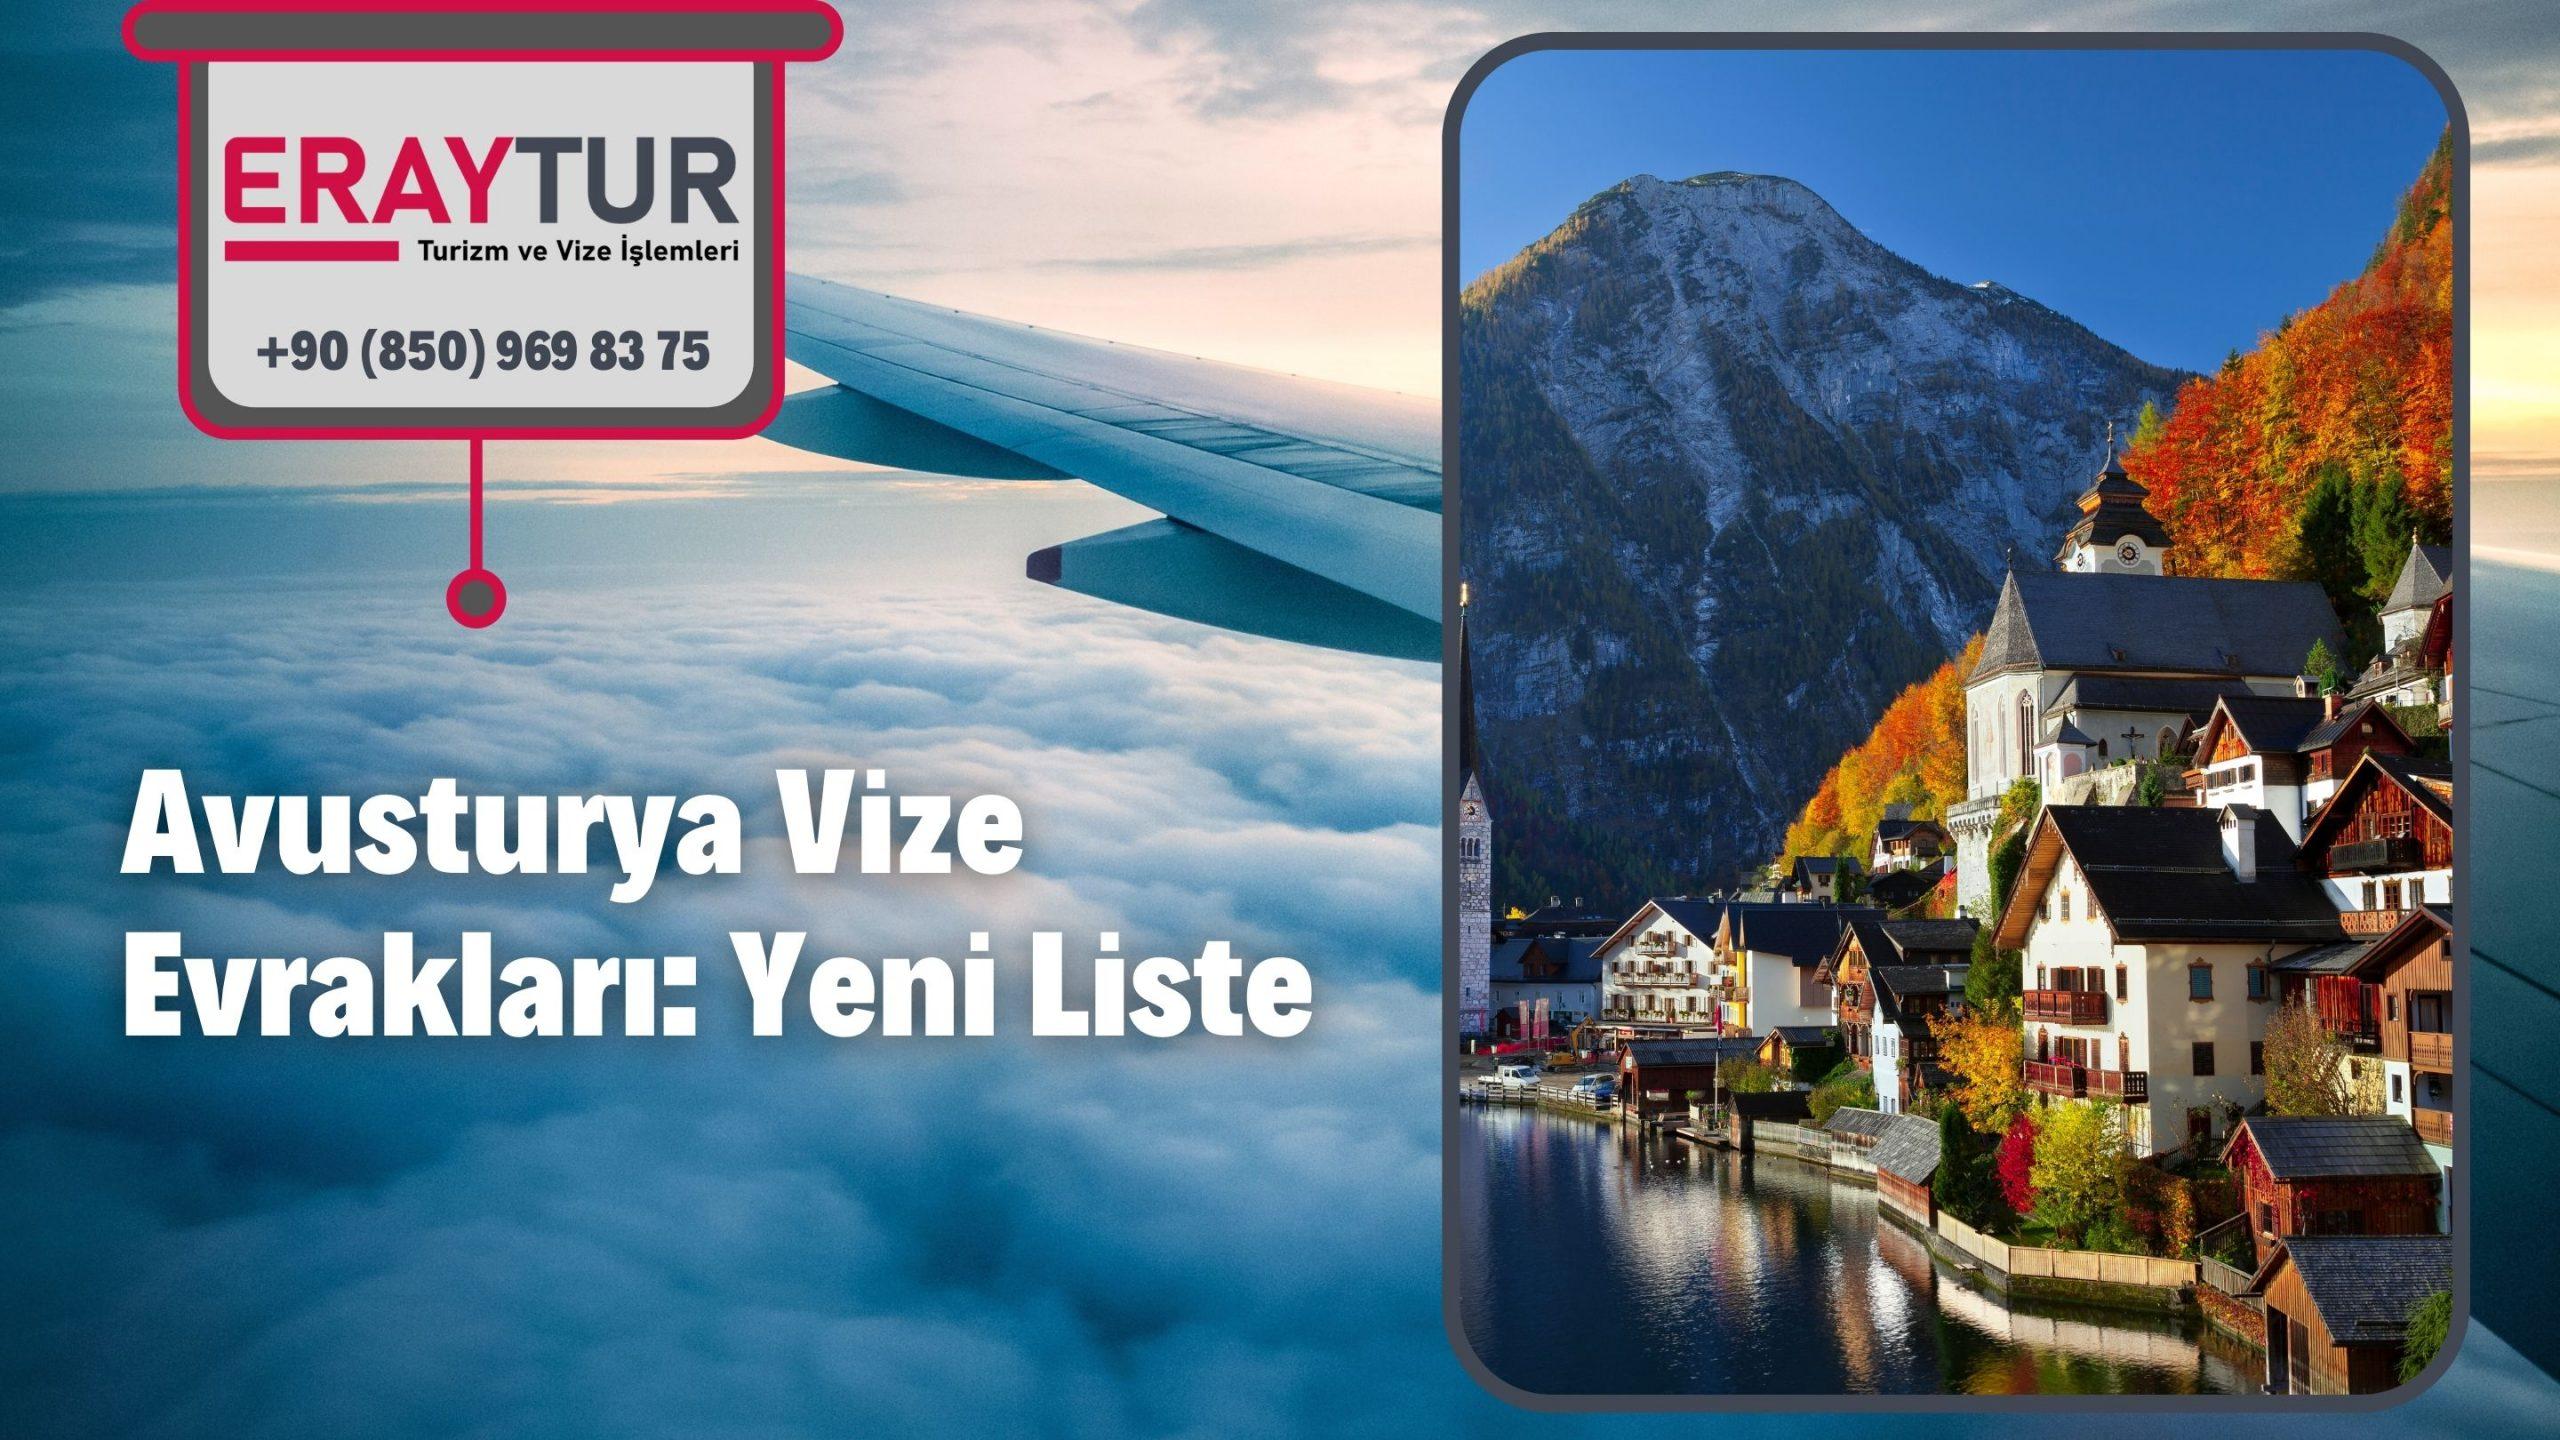 Avusturya Vize Evrakları: Yeni Liste [2021] 1 – avusturya vize evraklari yeni liste 2021 1 scaled